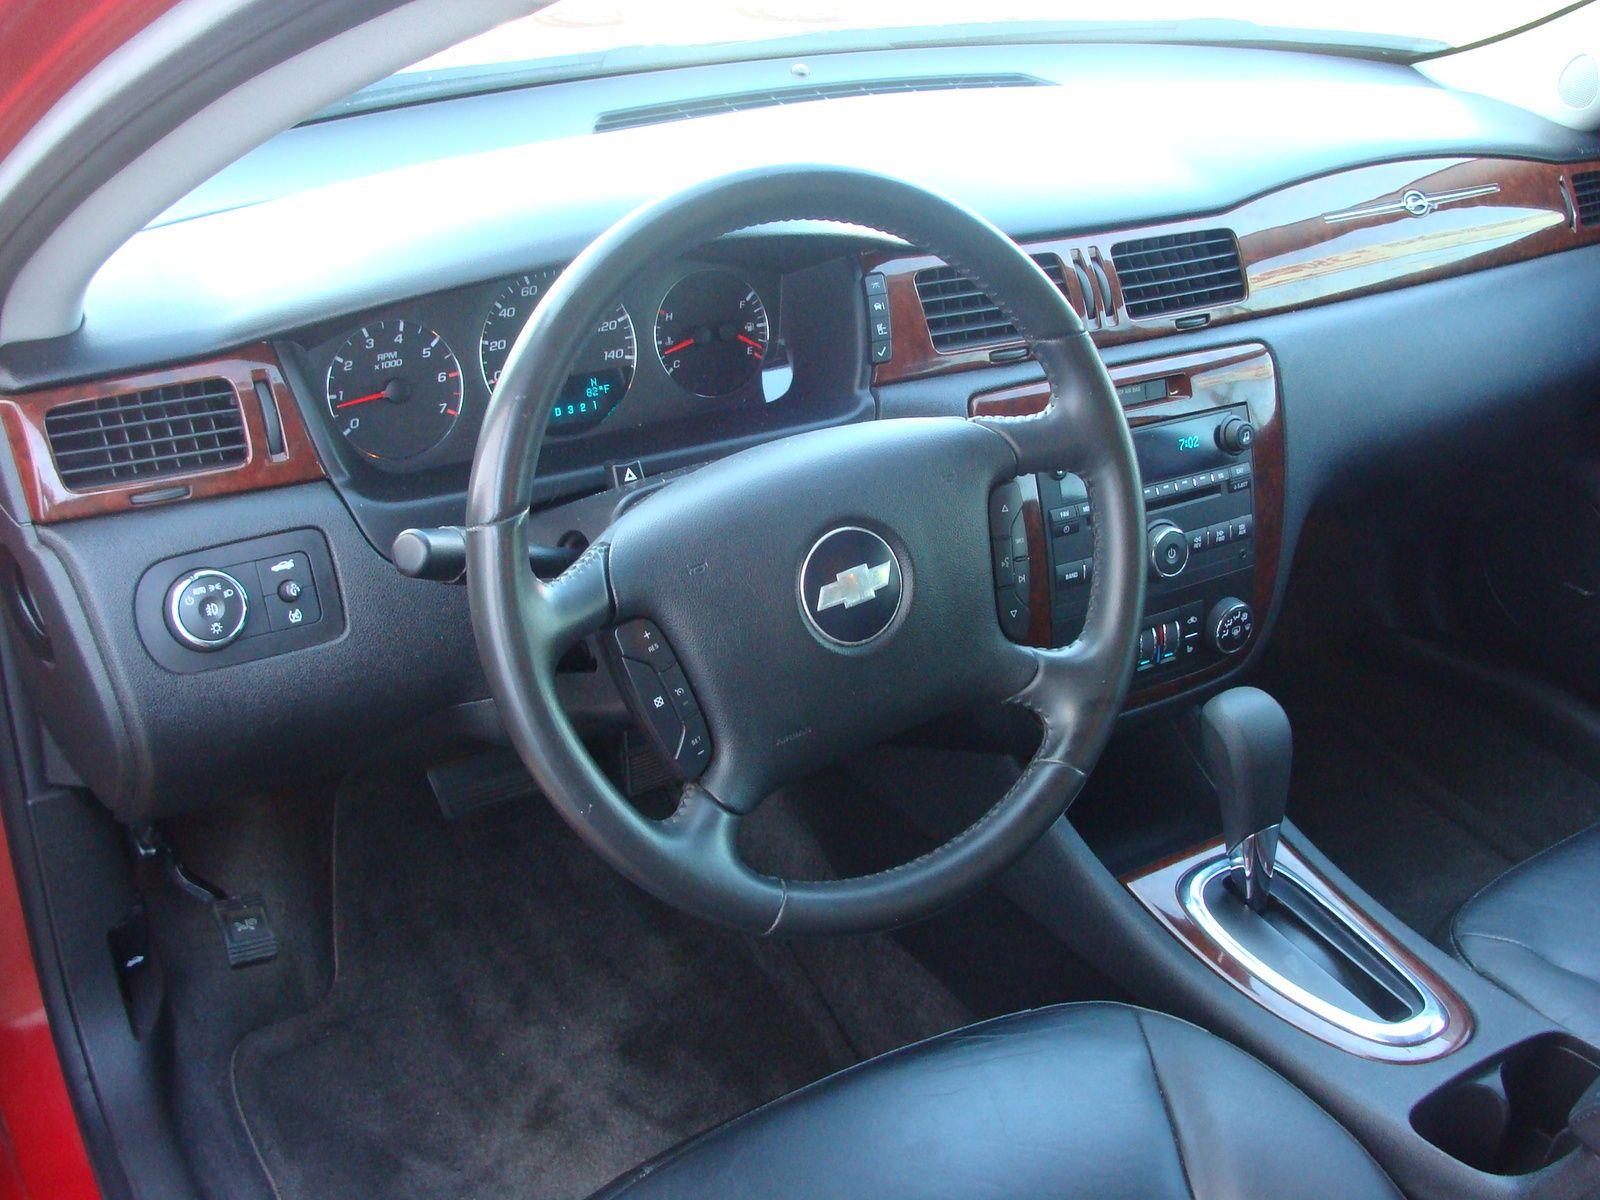 2008 Chevrolet Impala Pictures Cargurus Chevrolet Impala Impala Impala Ltz